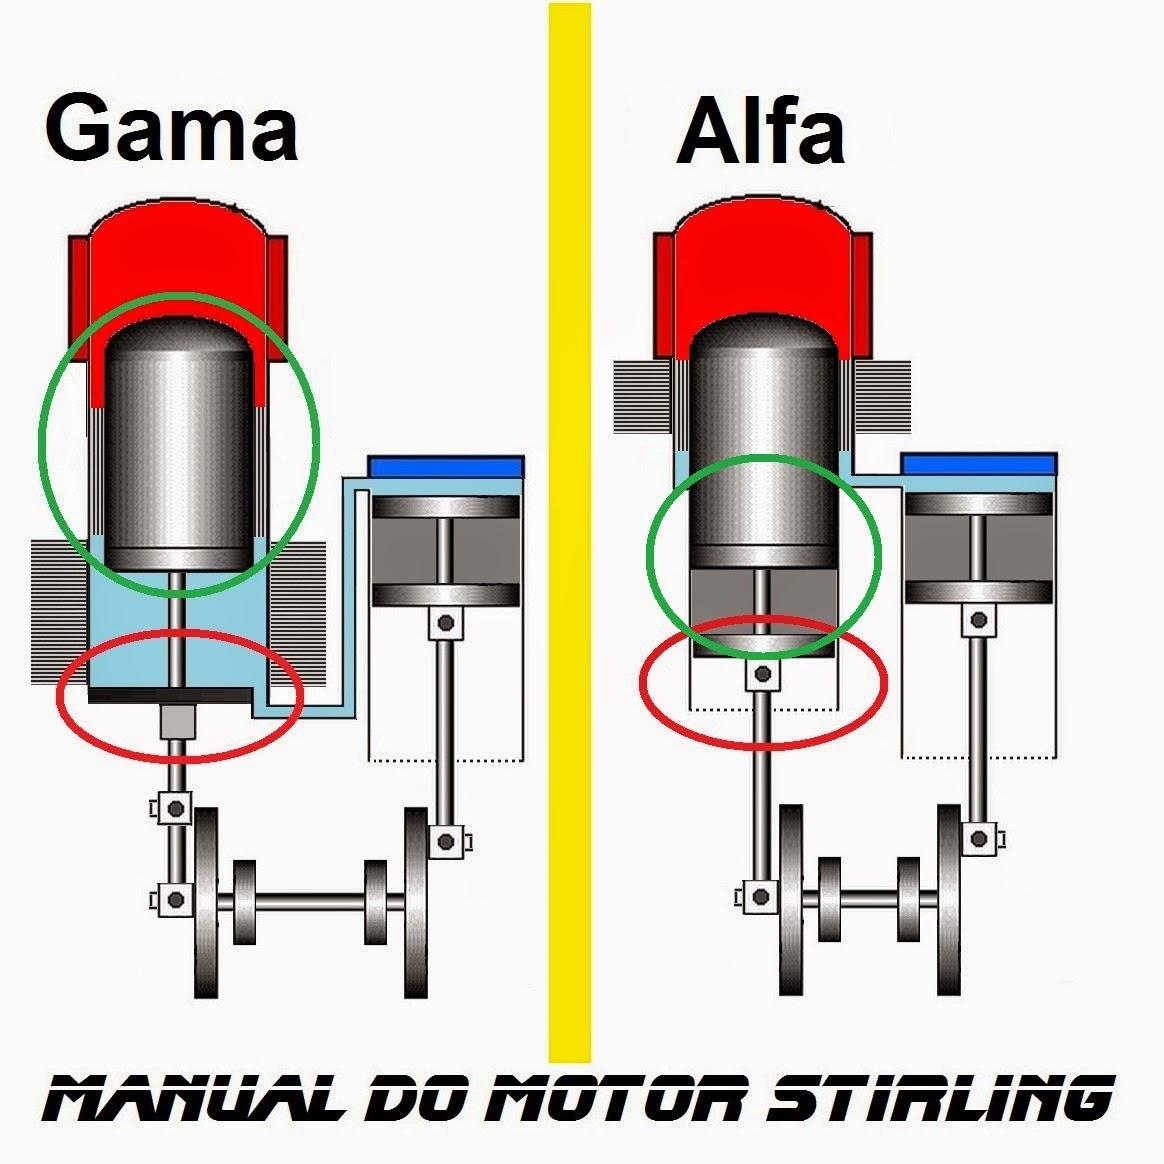 Diferença entre o motor Stirling Gama e Alfa, está no cilindro quente